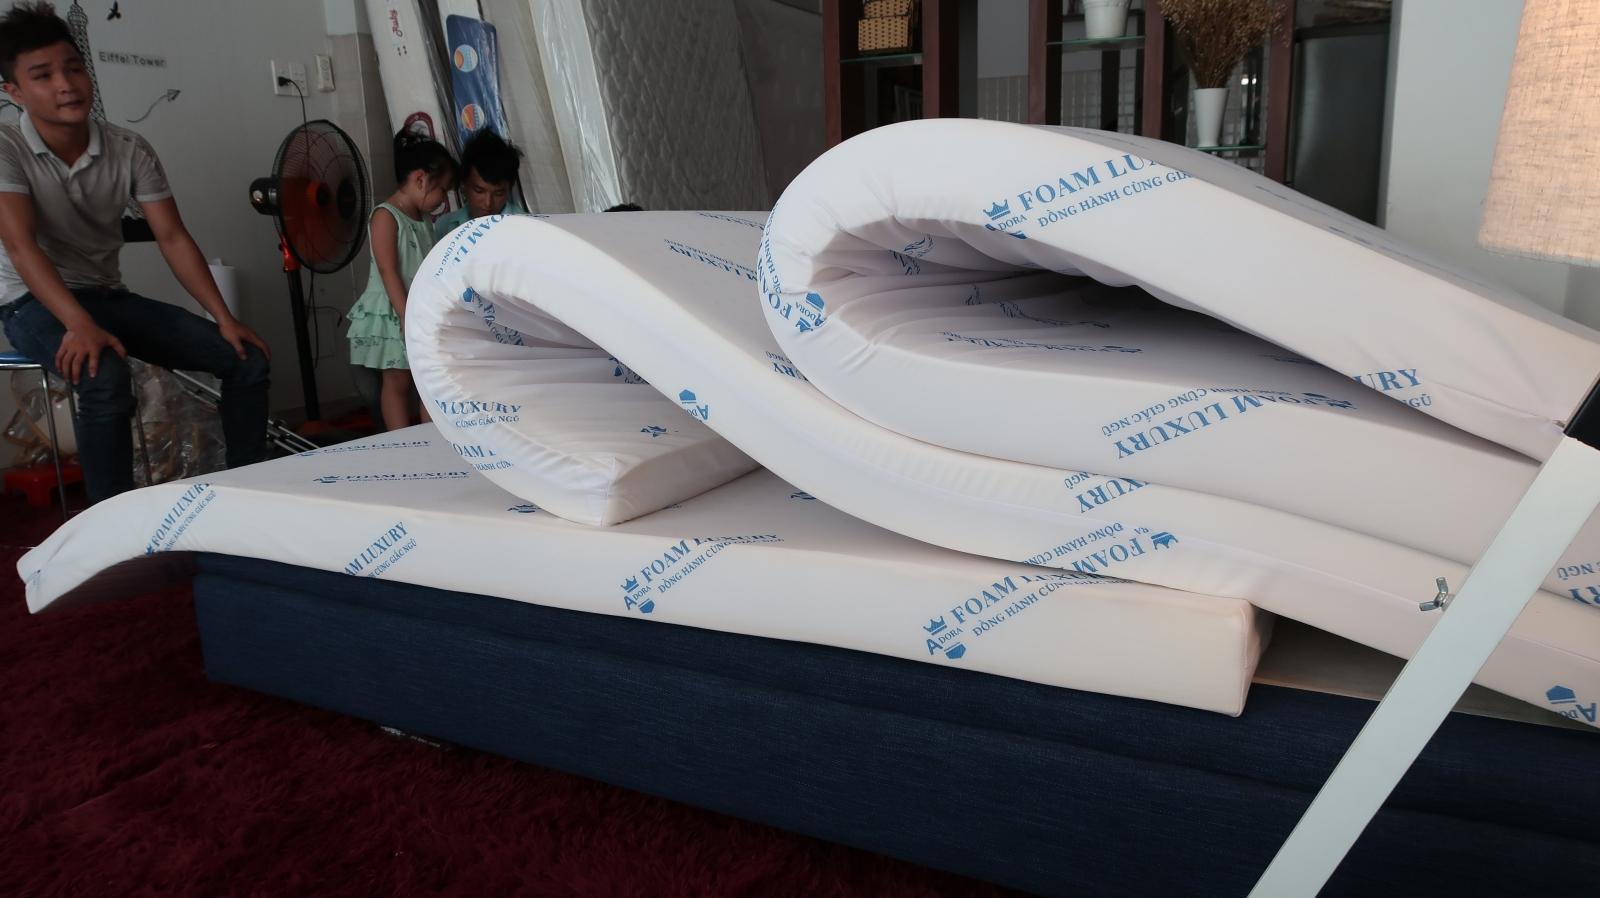 Nệm memory foam giá rẻ tại thành phố Hồ Chí Minh